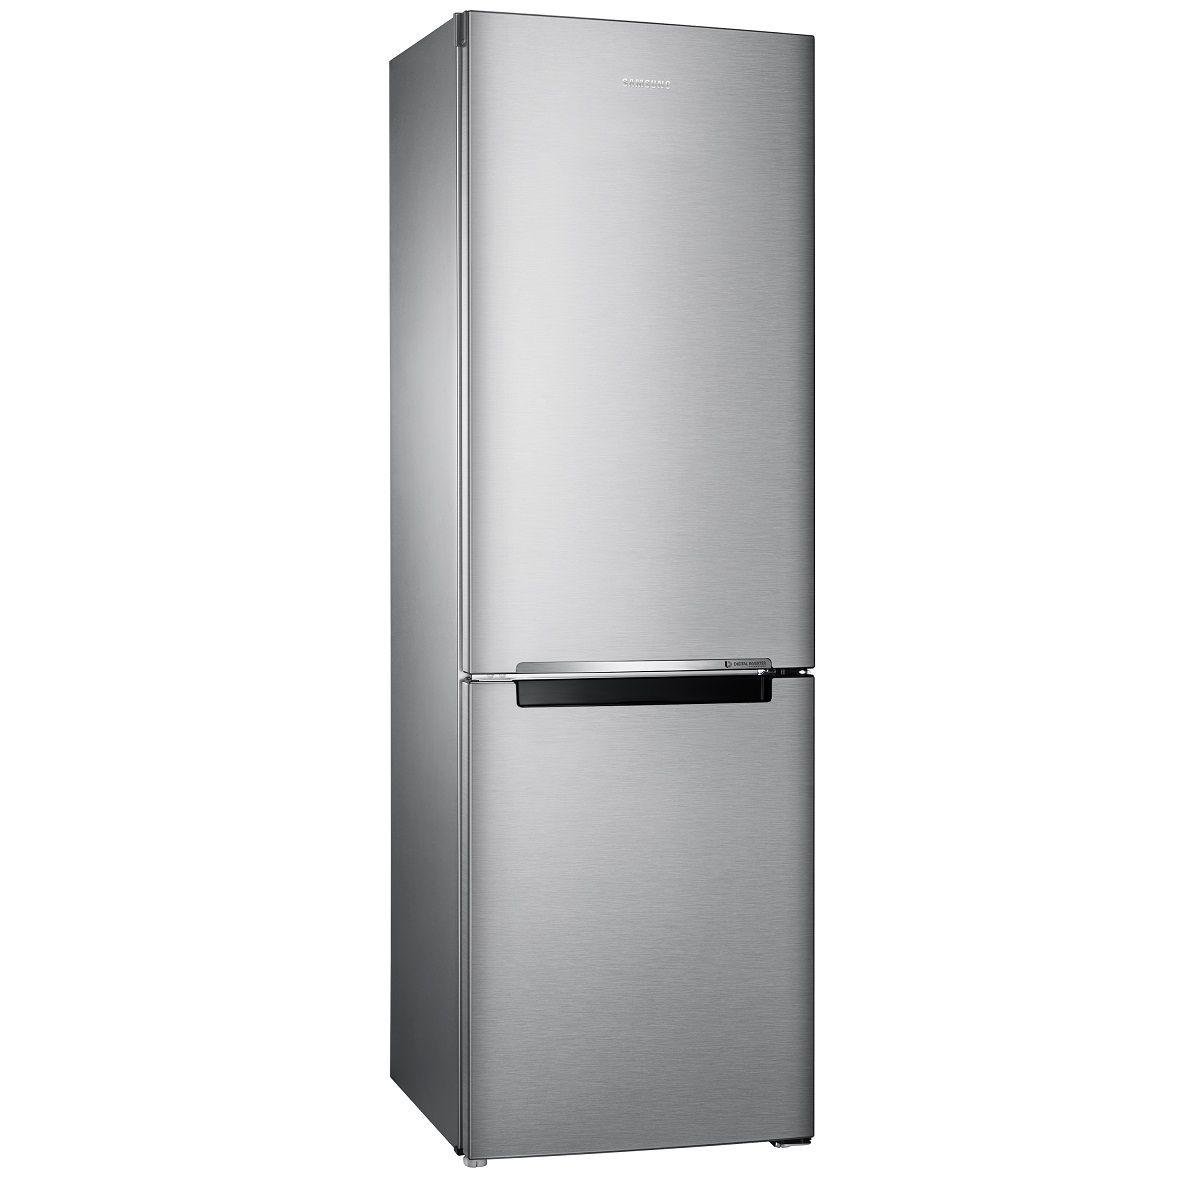 Réfrigérateur combiné RB31HSR2DSA, 306 L, Froid Ventilé